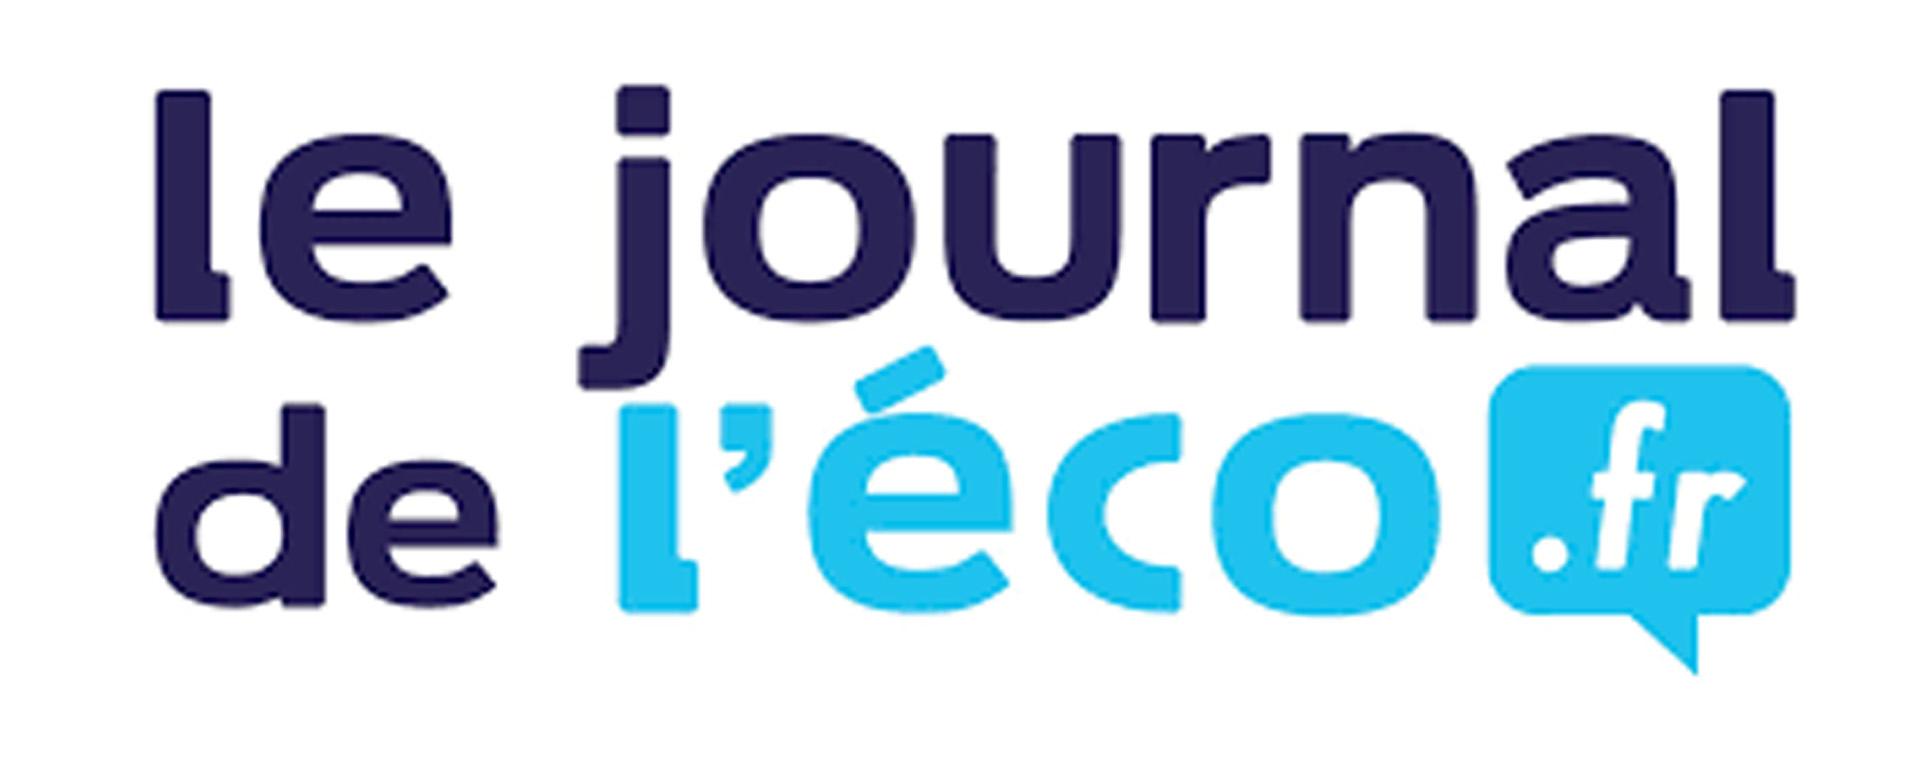 Le Journal de l'éco